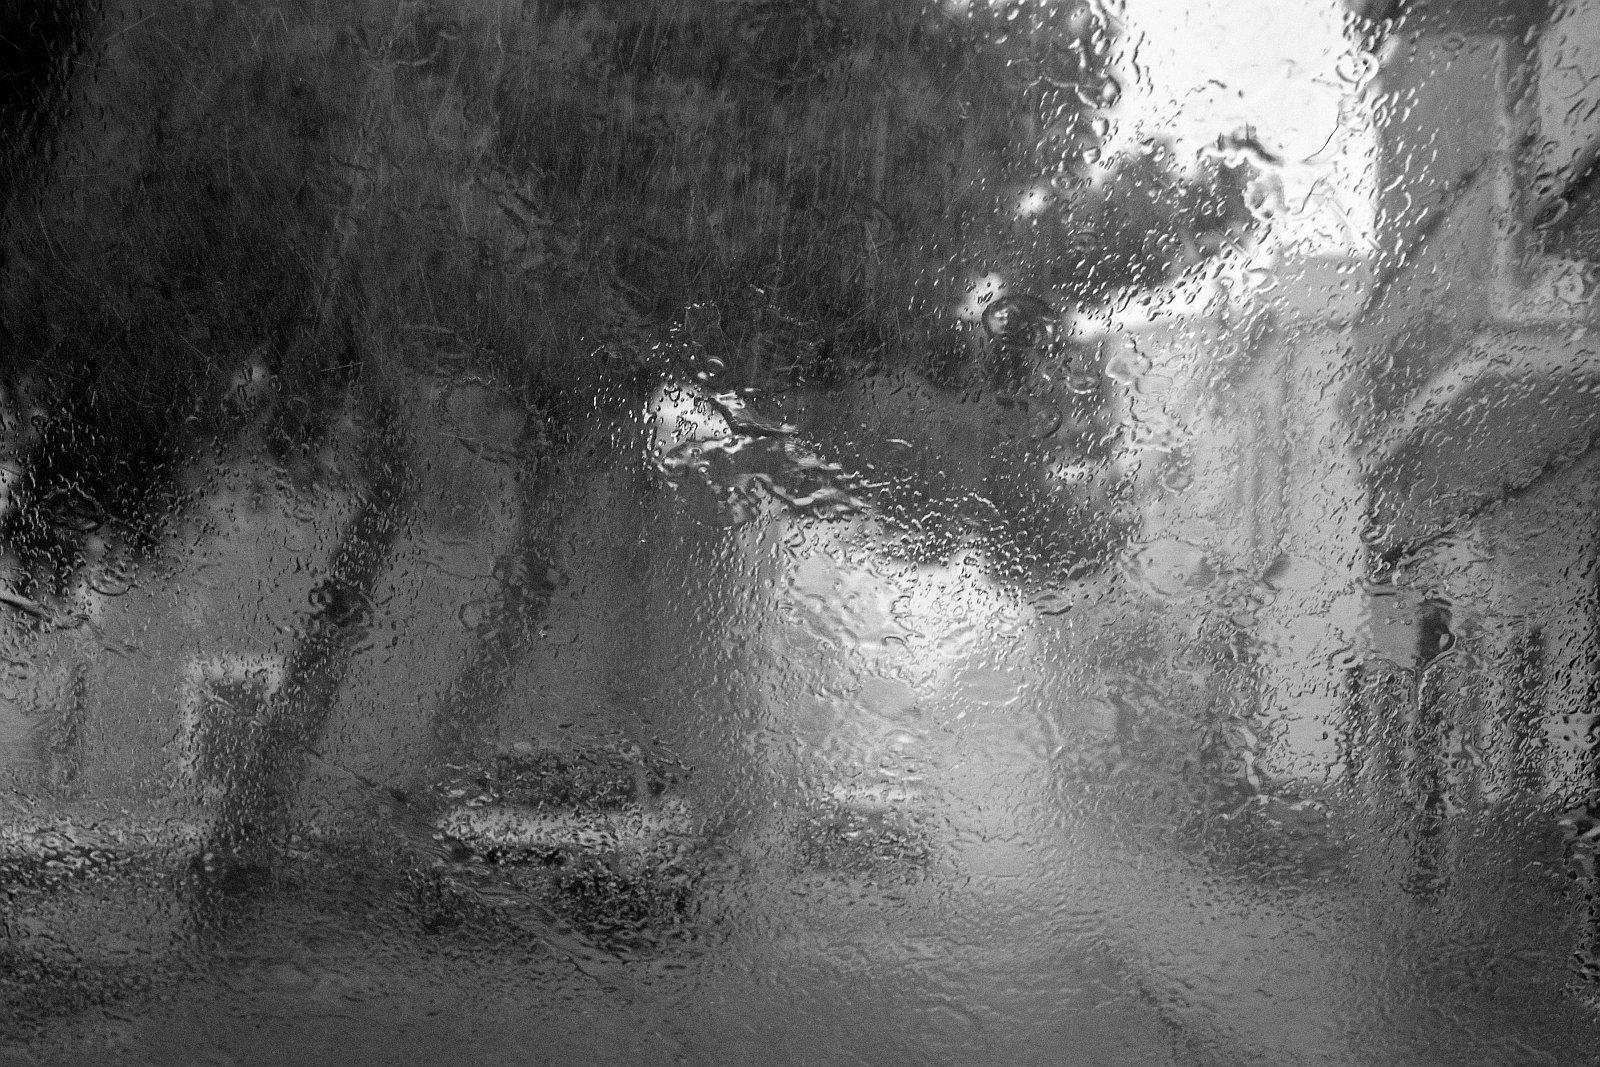 Juli 2018: Mallorca bei Regen, Brigitte Nieschalk